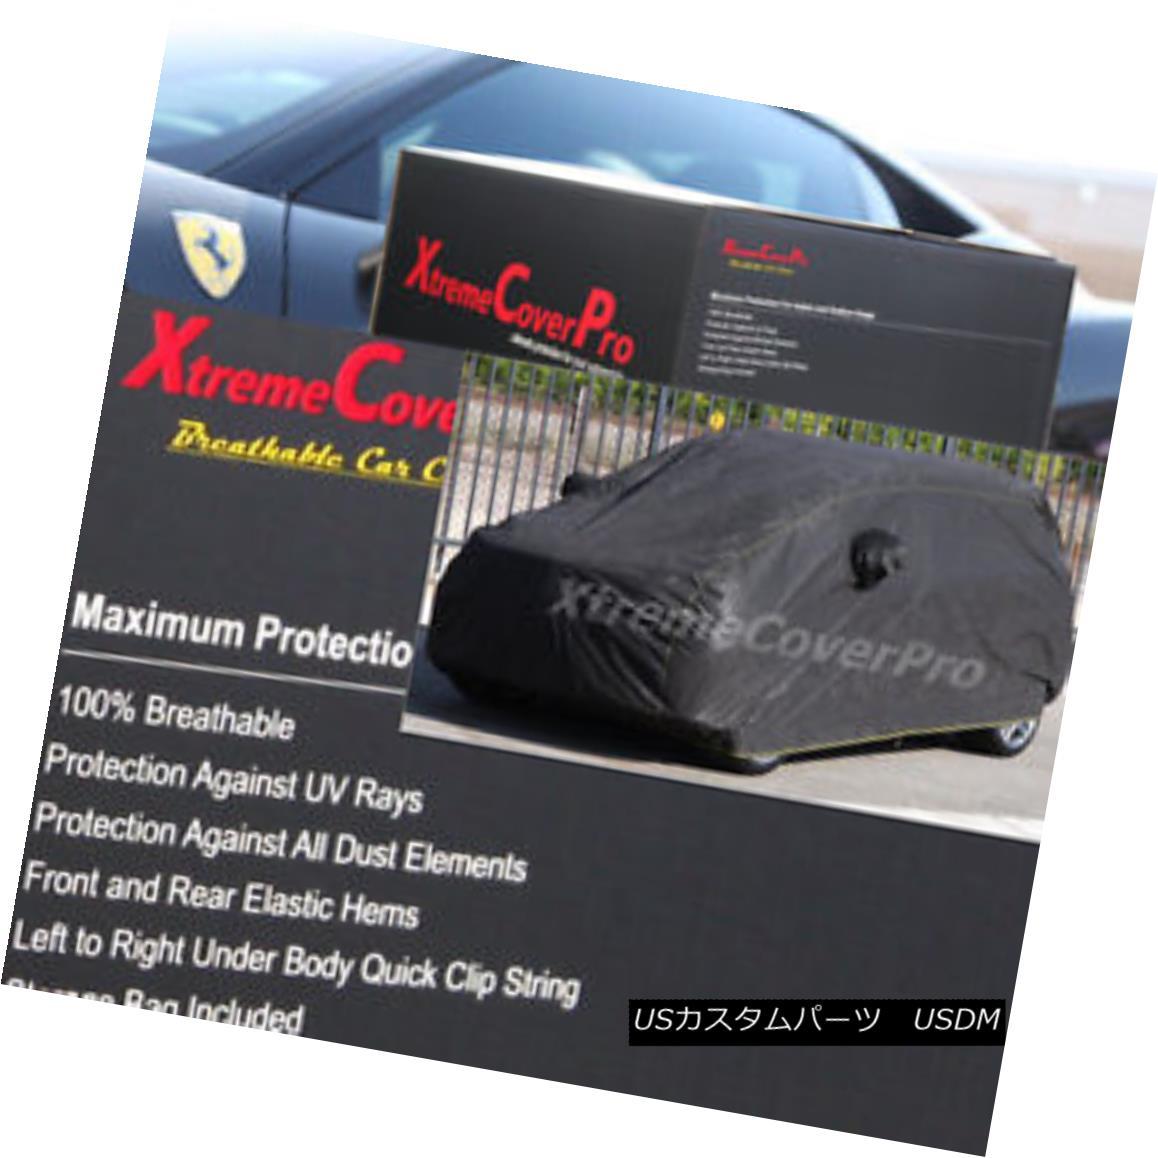 カーカバー 1999 2000 2001 GMC Jimmy 4-Door Breathable Car Cover w/MirrorPocket 1999年2000年2001年GMCジミー4ドア通気性車カバー付き(MirrorPocket)